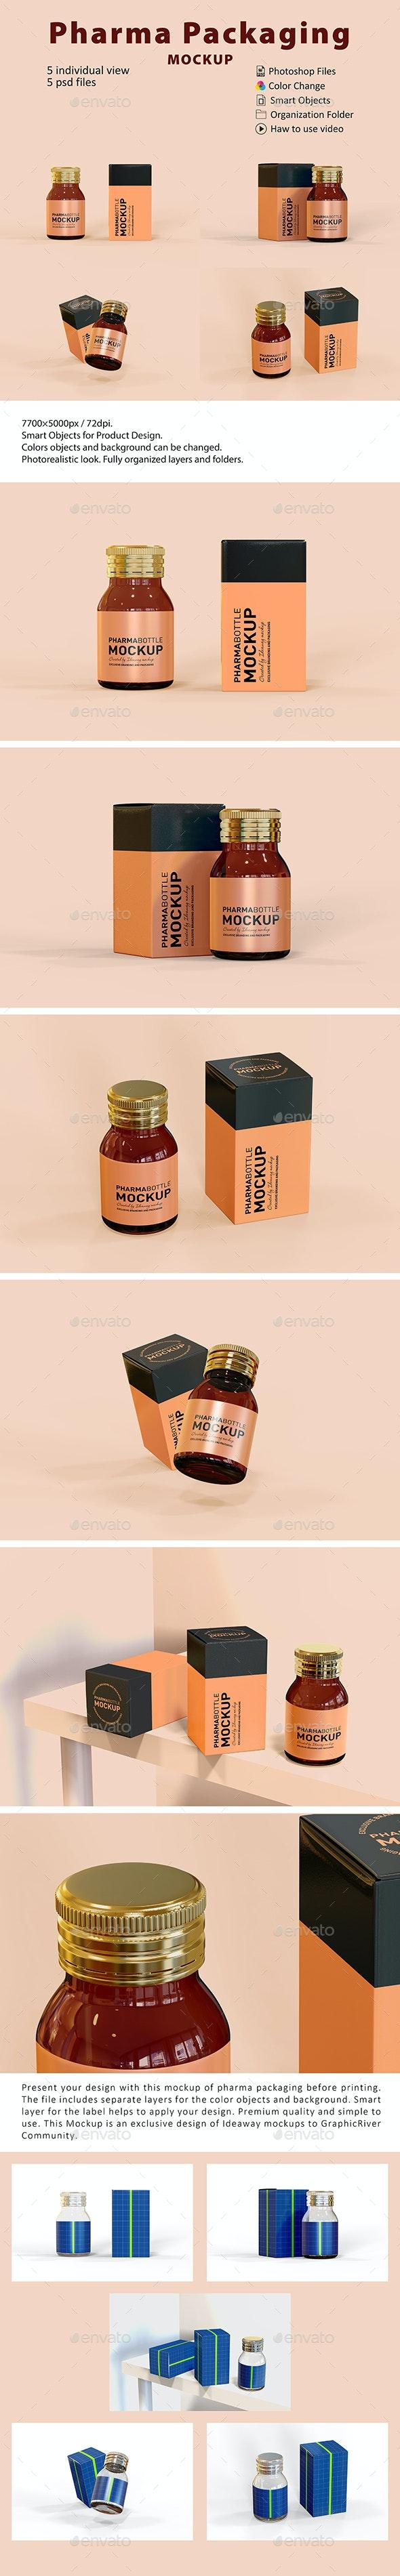 Pharma Packaging Mockup - Beauty Packaging